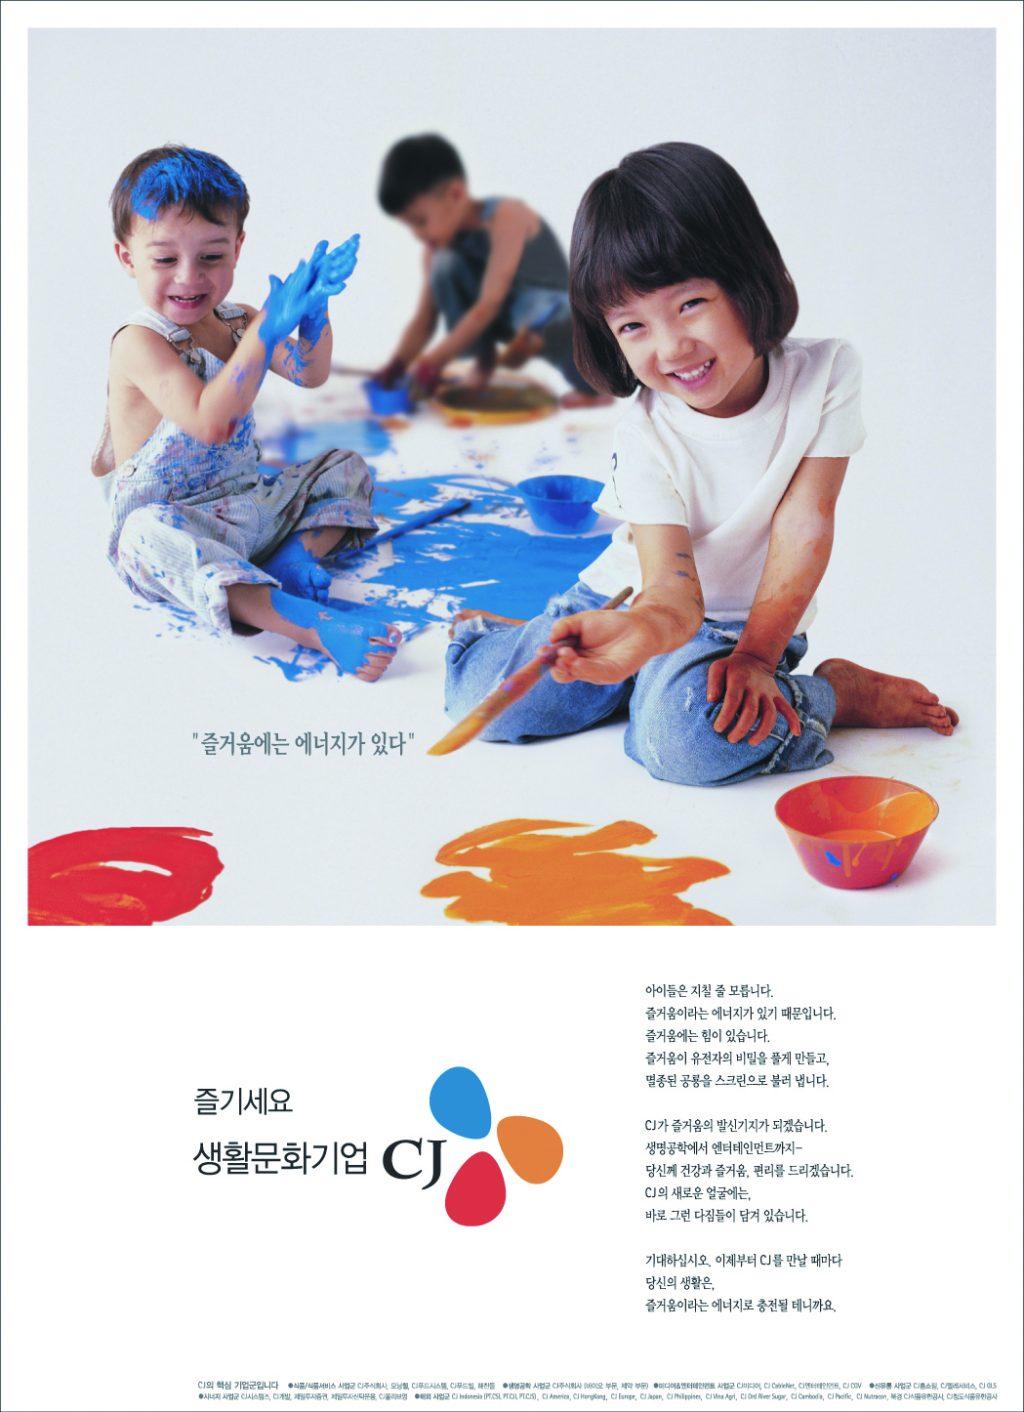 2002년 제일제당에서 CJ로 회사명을 바꾸고 진행한 New CI 론칭 광고